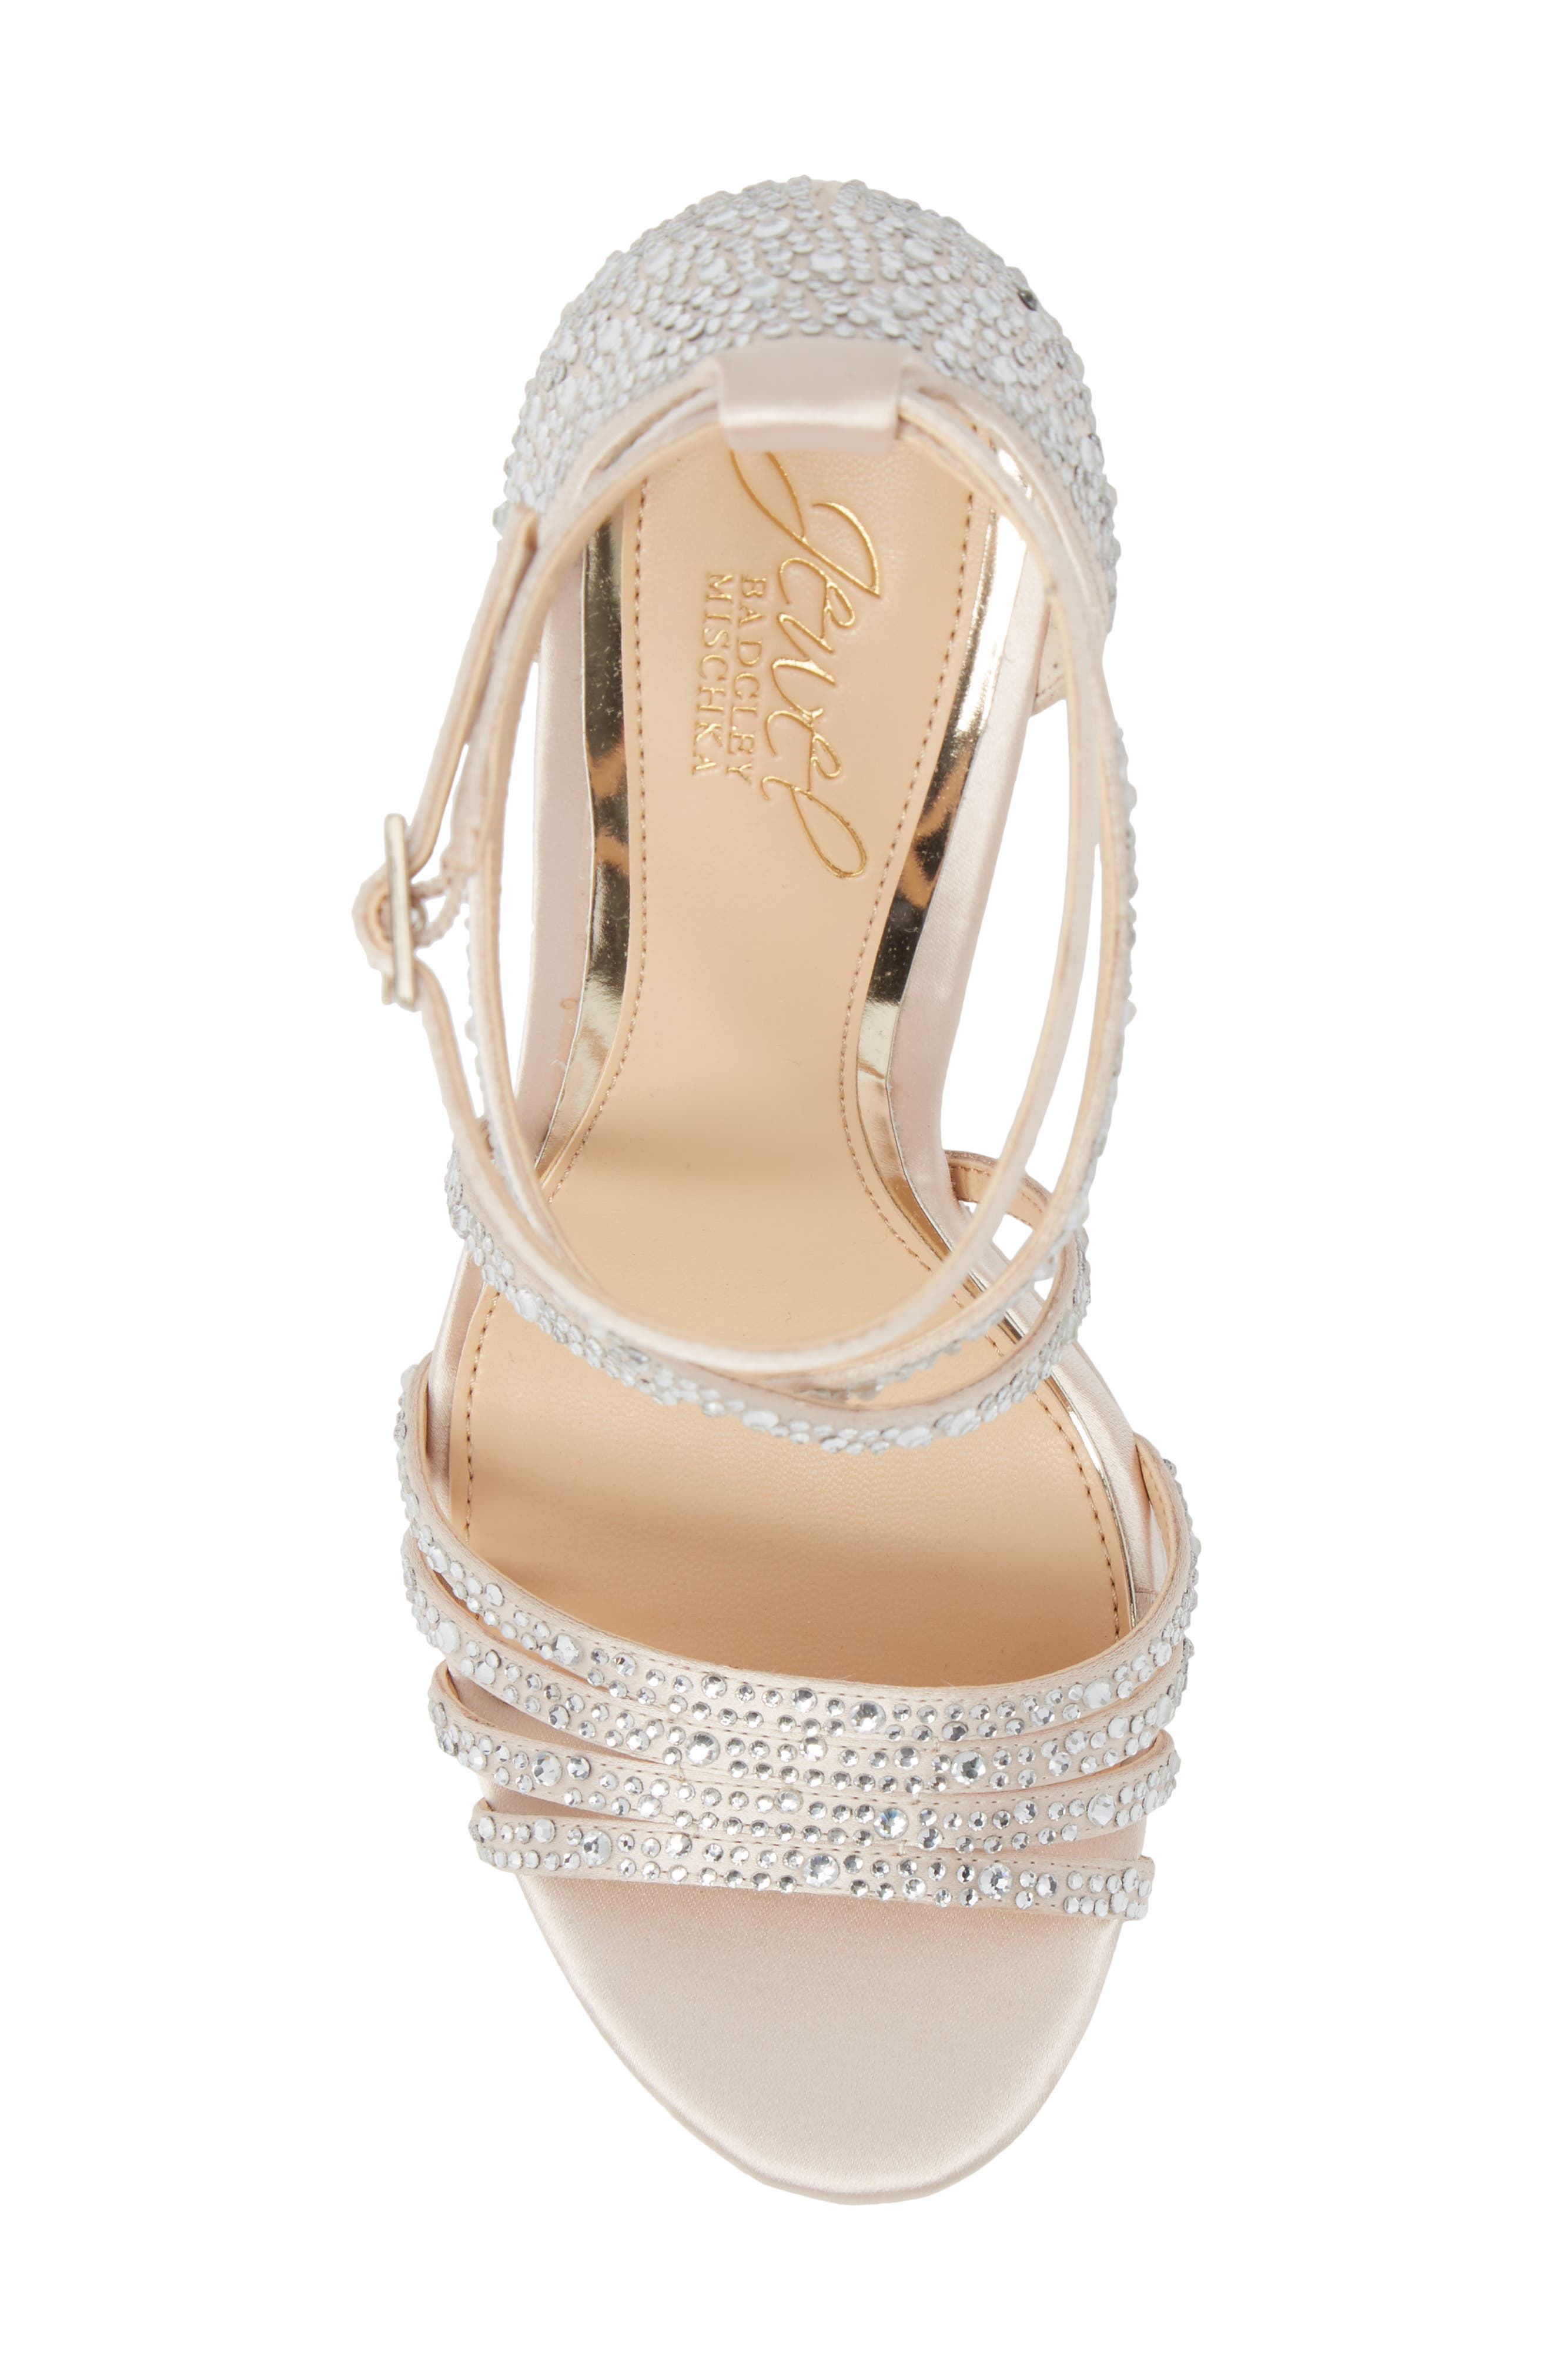 Tarah Crystal Embellished Platform Sandal,                             Alternate thumbnail 5, color,                             Champagne Satin